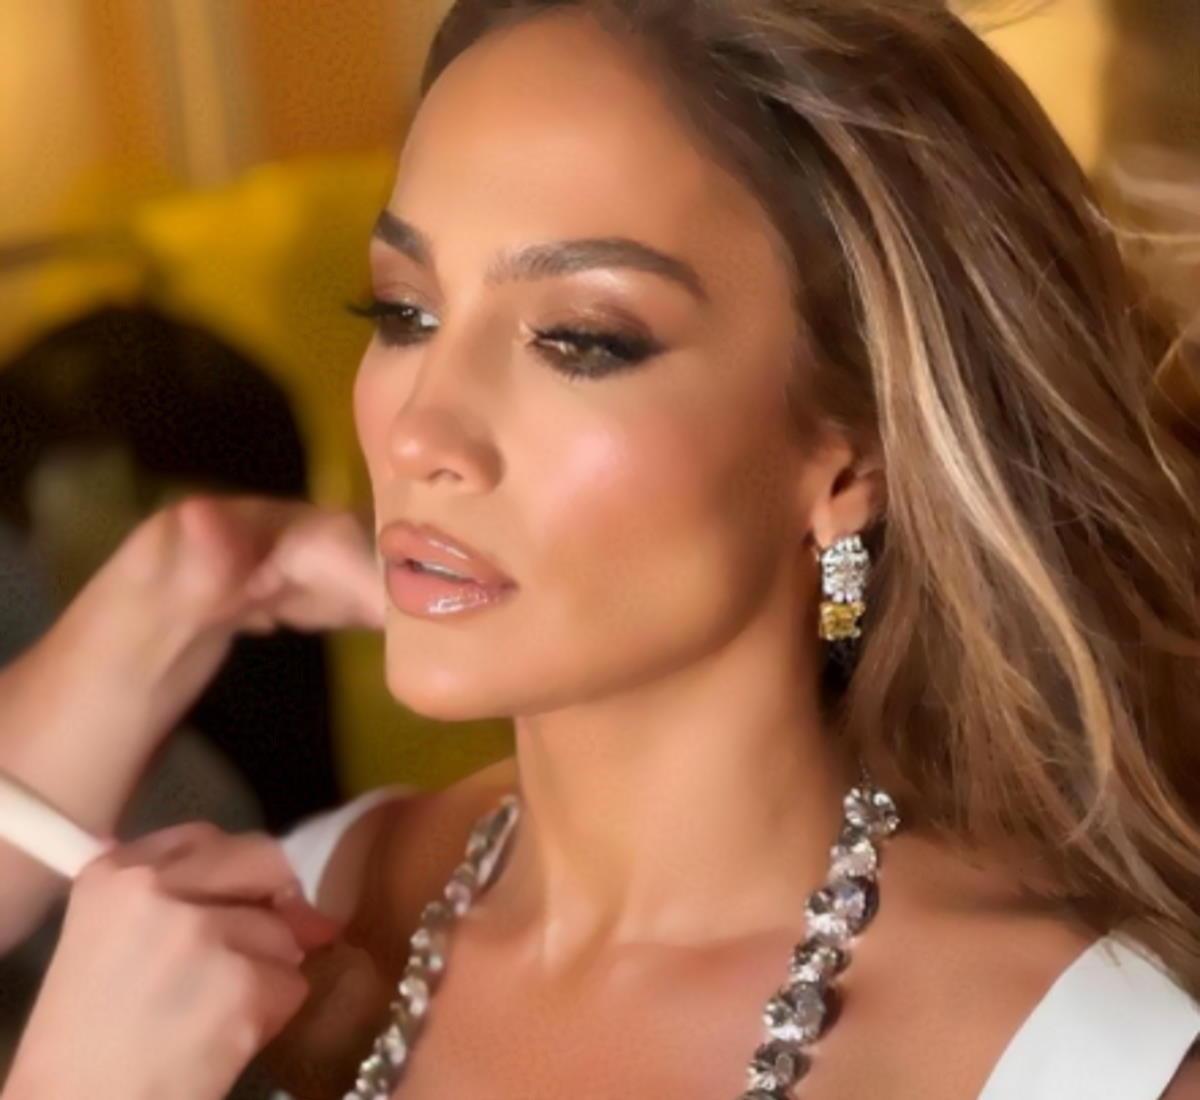 Jennifer Lopez a Venezia con Ben Affleck:spettacolare! TUTTI I VIDEO E LE FOTO